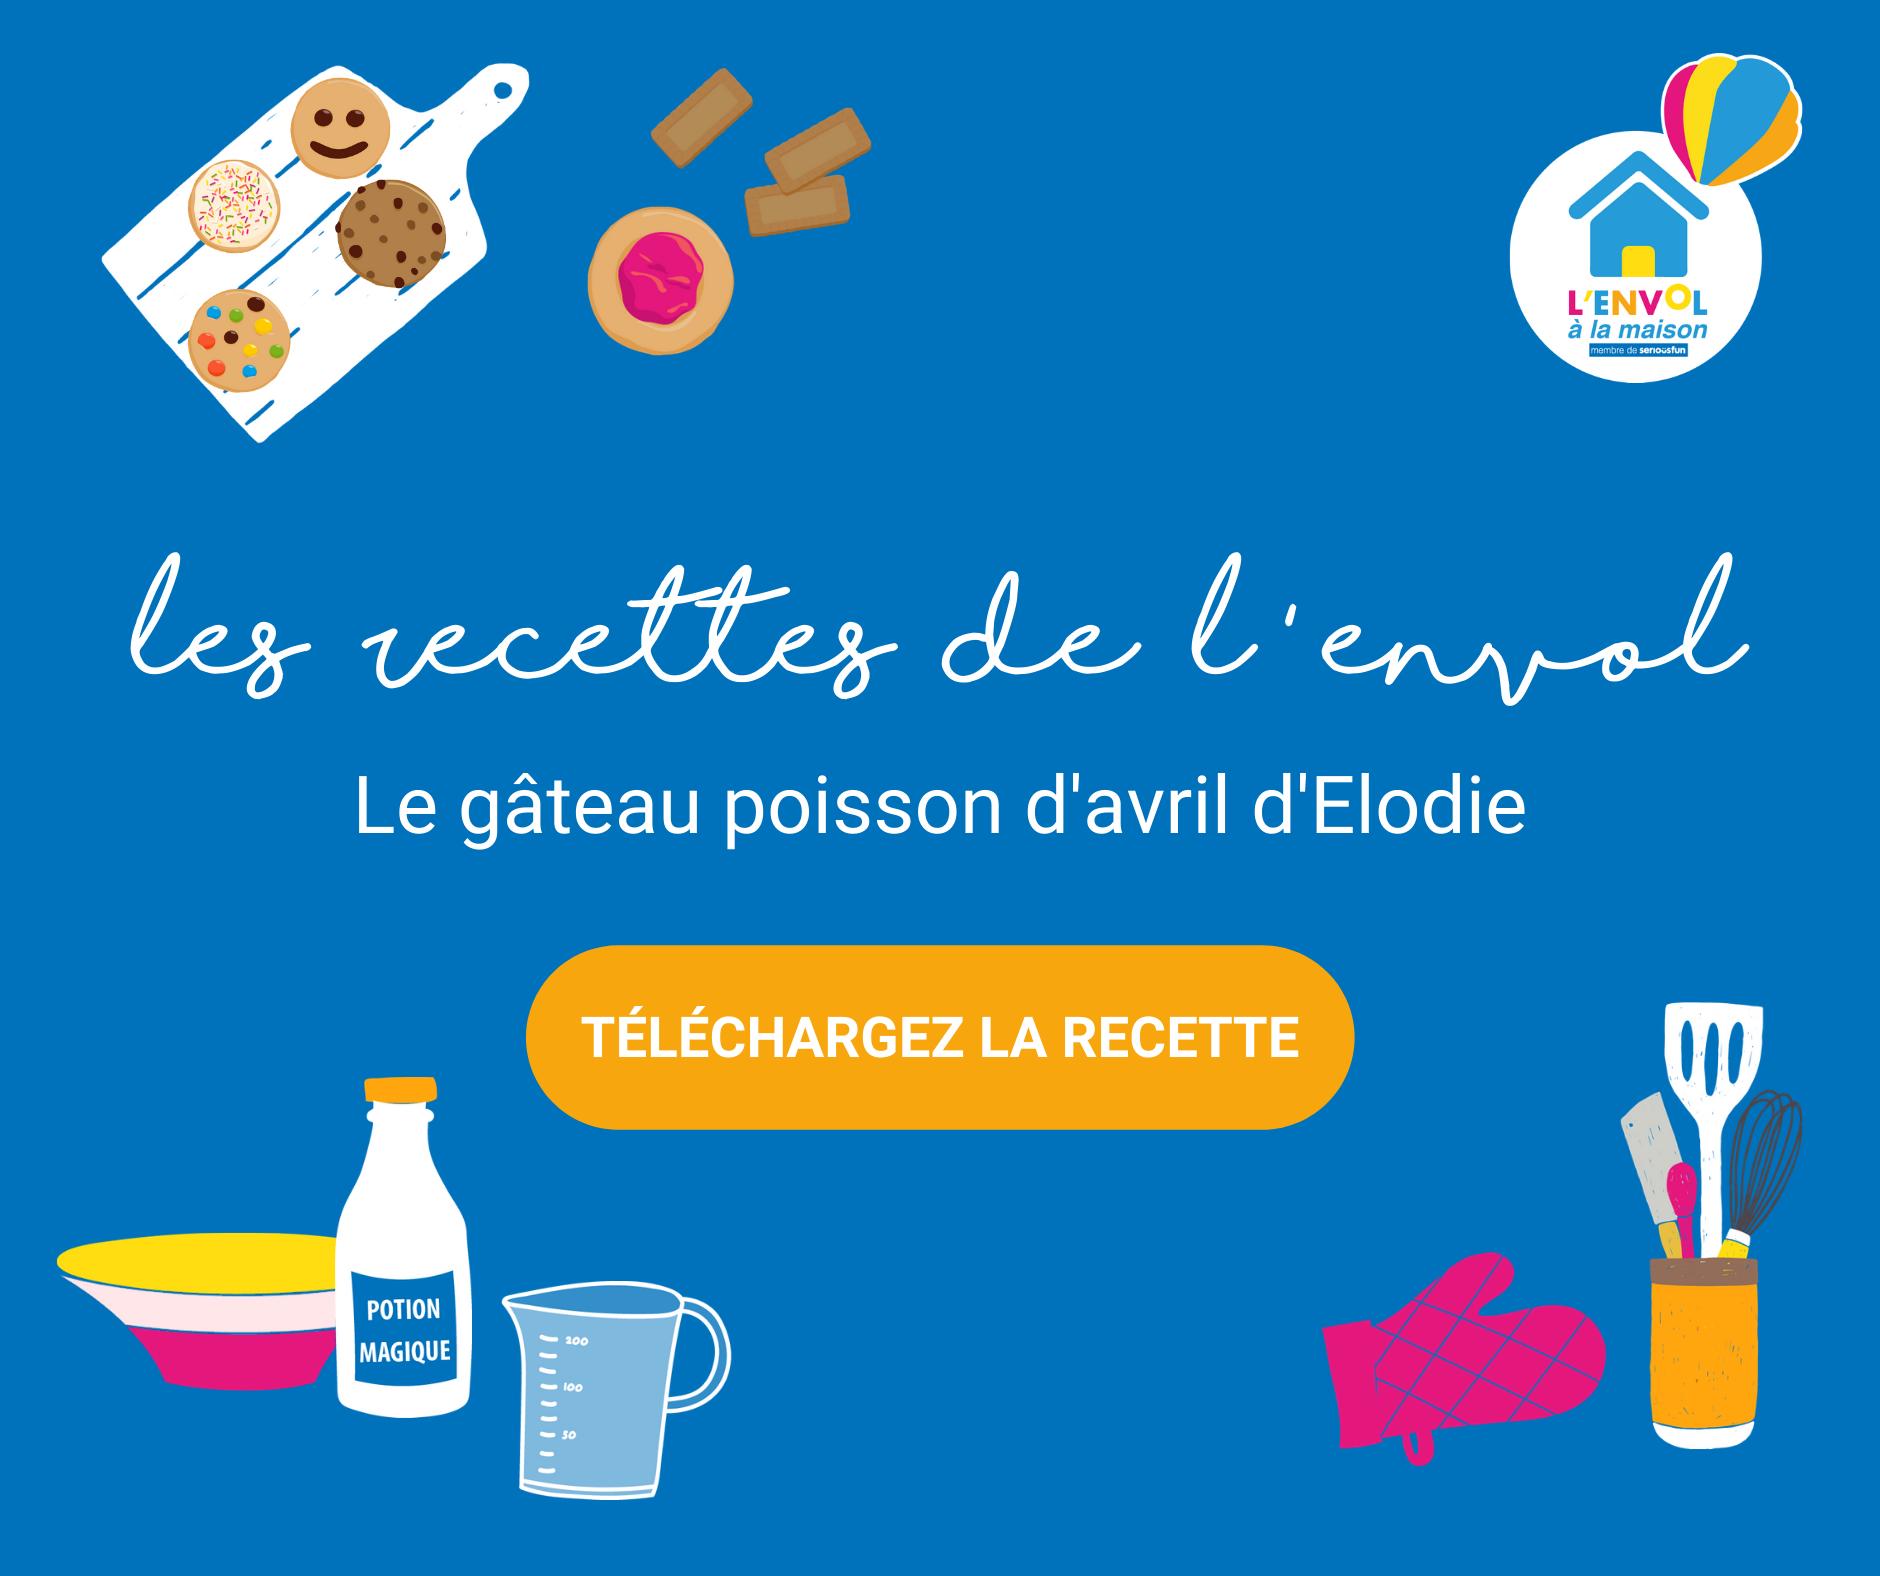 Recettes de L'ENVOL : gâteau poisson d'avril